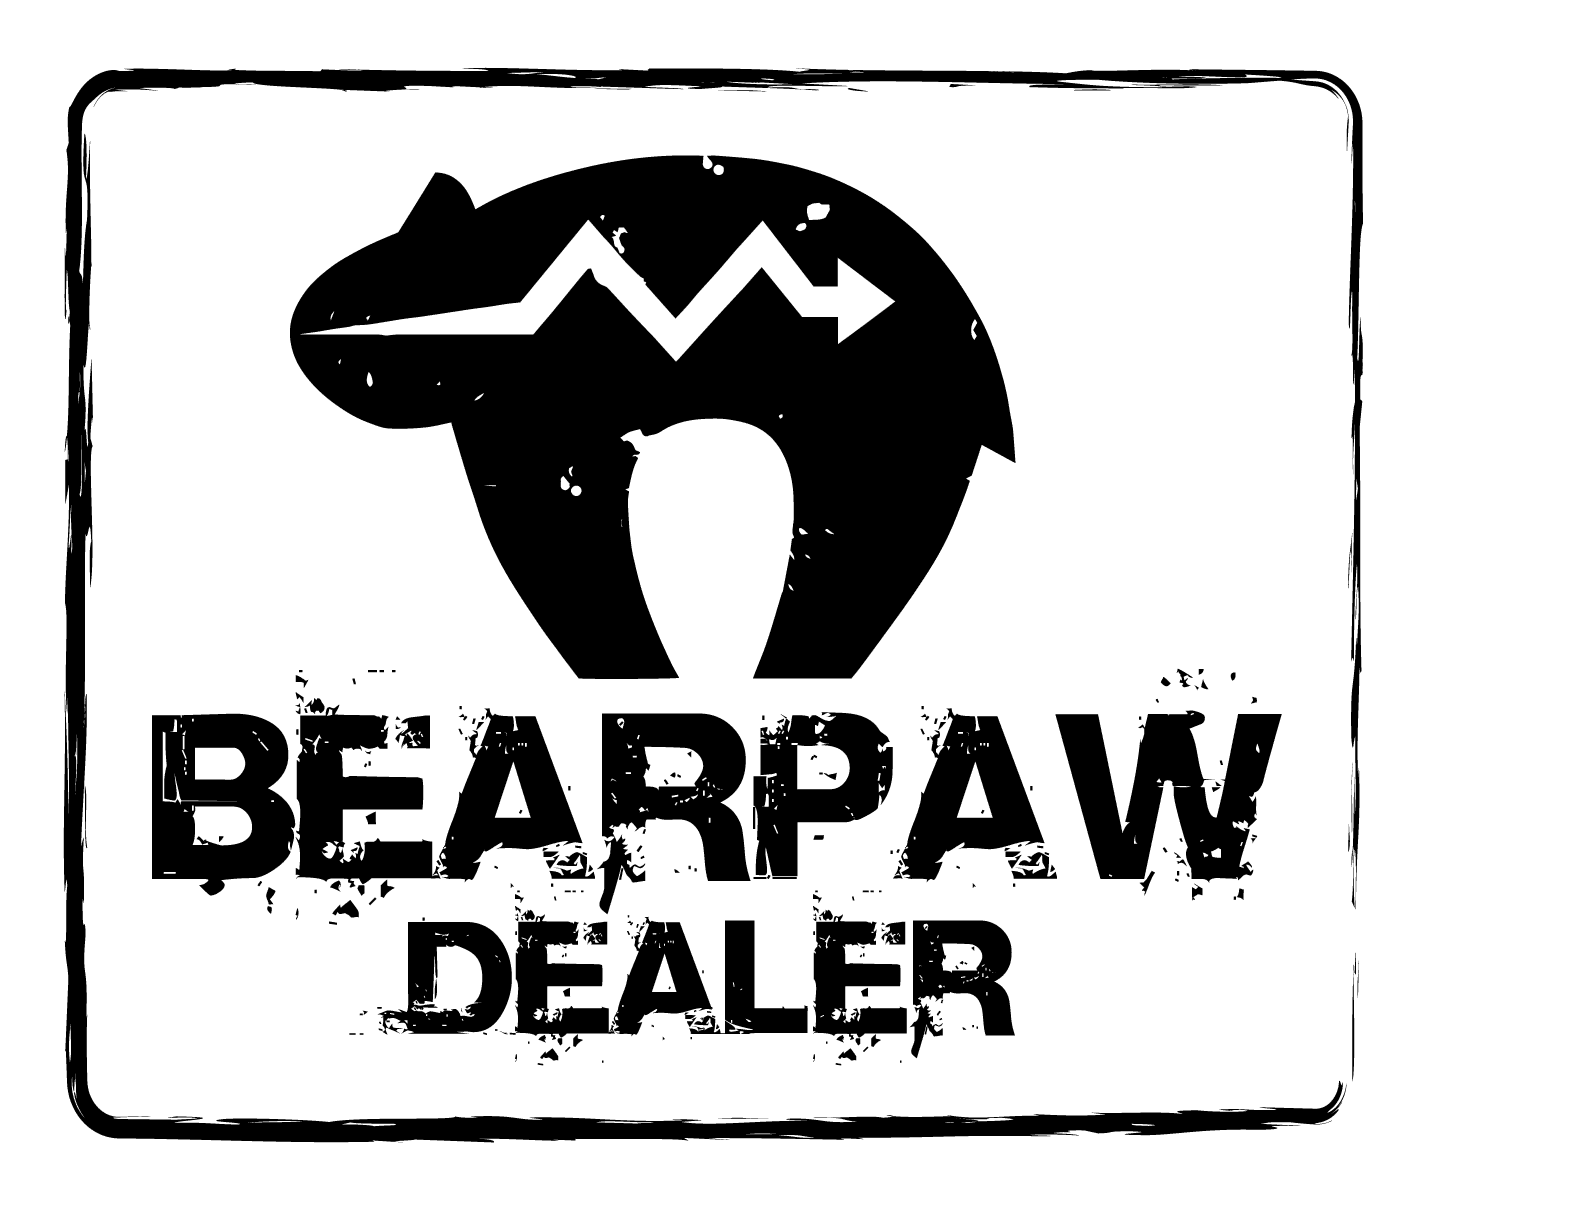 Abenteuer Lernen gGmbH. Wir verkaufen auch Bogensportmaterial an unsere Teilnehmer. Hierfür machen Sie bitte einen individuellen Werkstatt-Termin mit uns aus. Gerne nehmen wir uns Zeit für eine persönliche Beratung, damit die Abstimmung von Pfeil und Bogen – im Zusammenspiel mit Ihrer persönlichen Technik – stimmt.